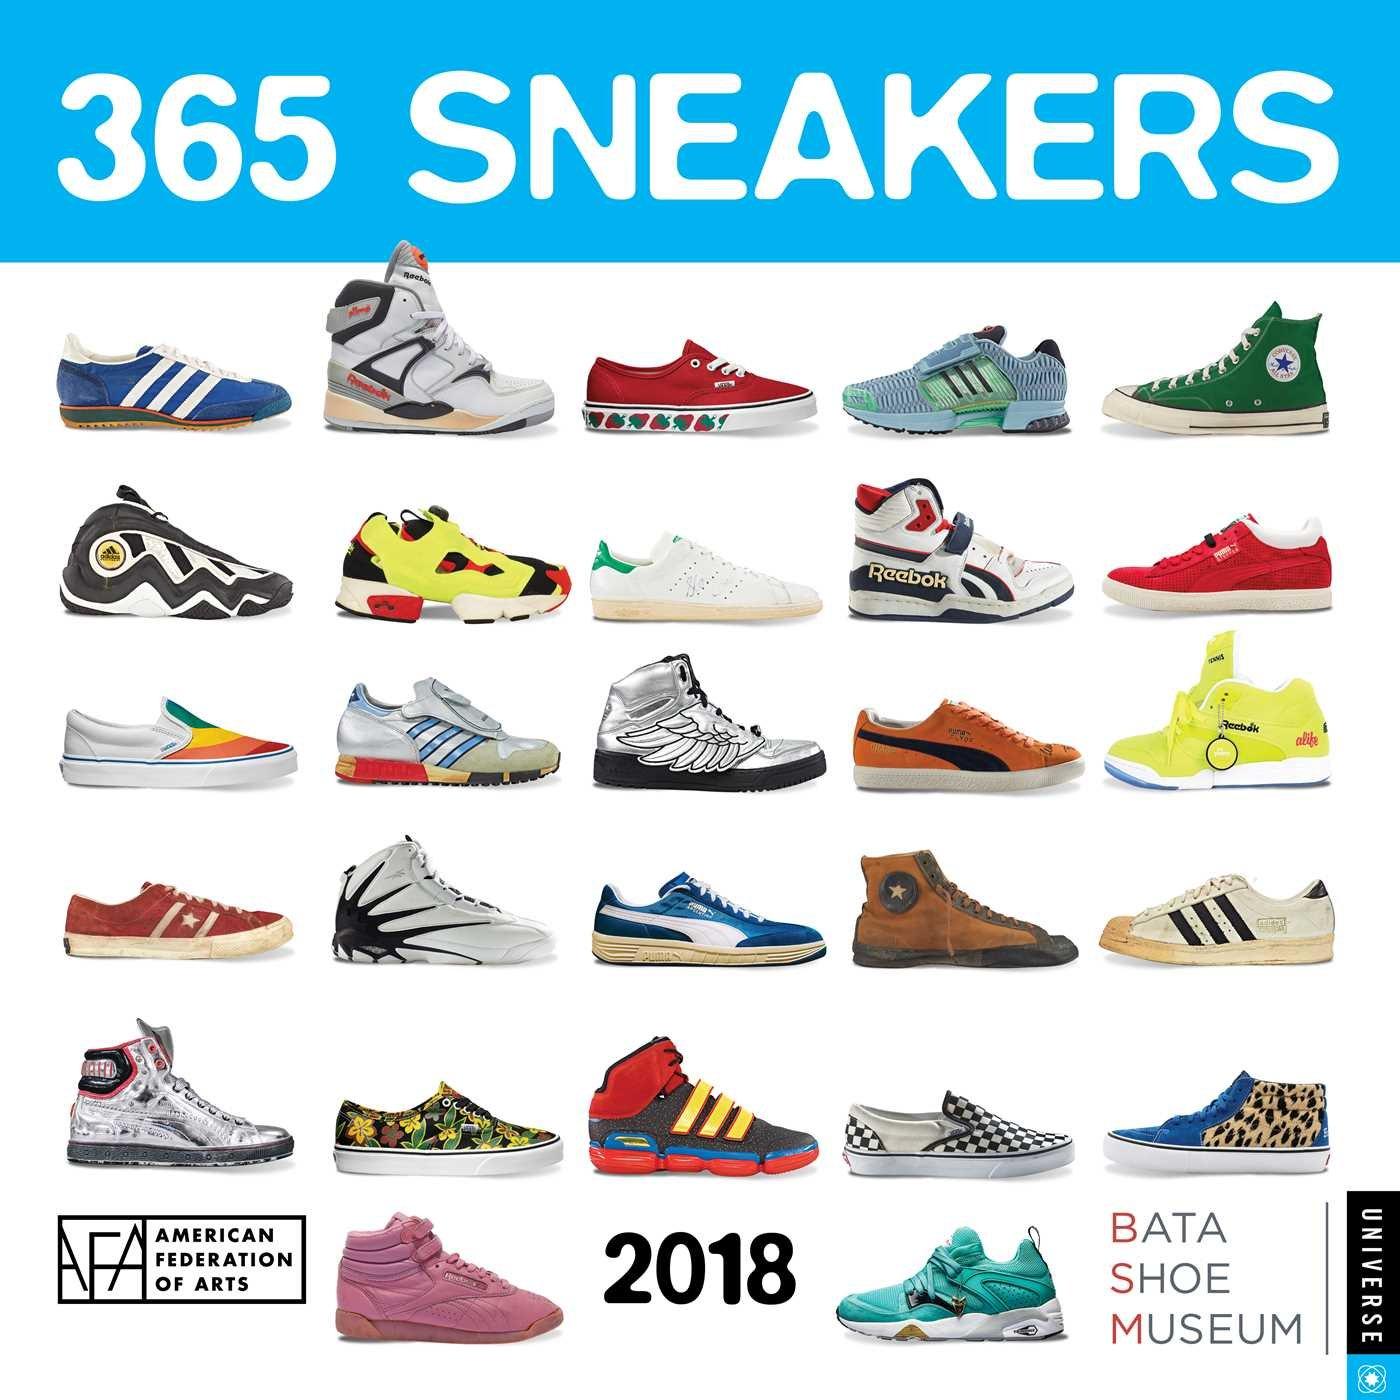 Buy 365 Sneakers 2018 Wall Calendar